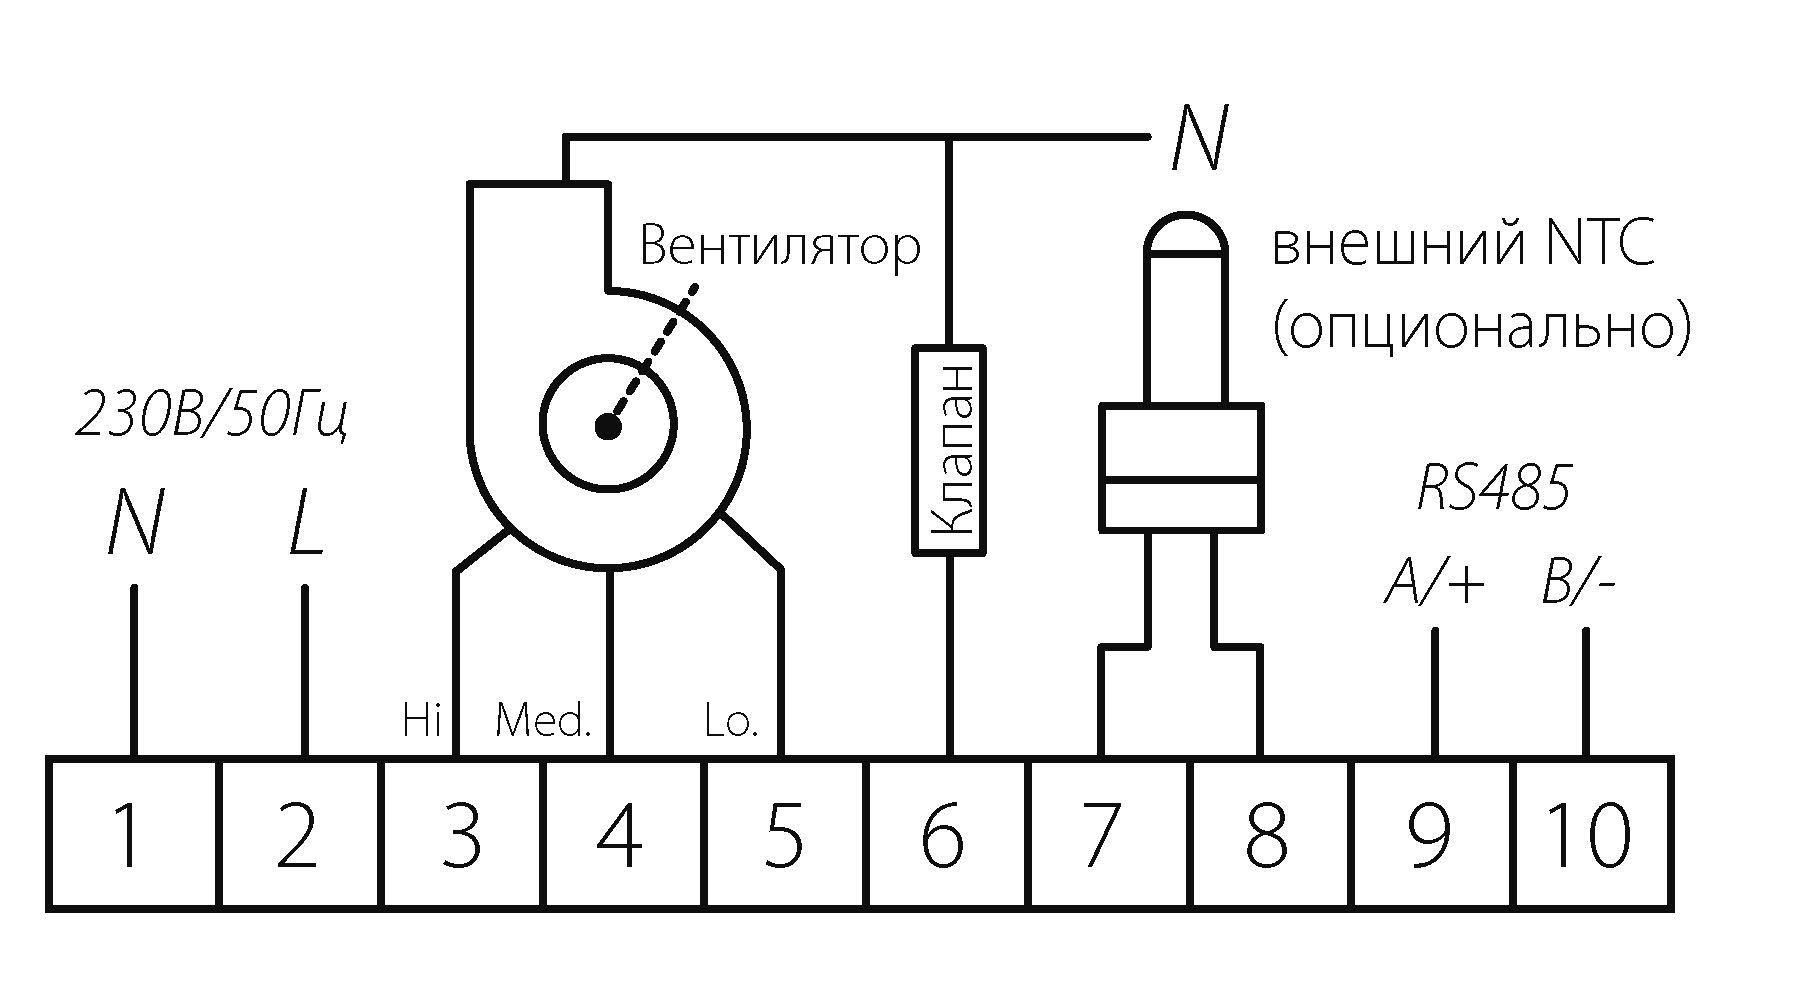 Схема контактов HMI ГРЕЕРС